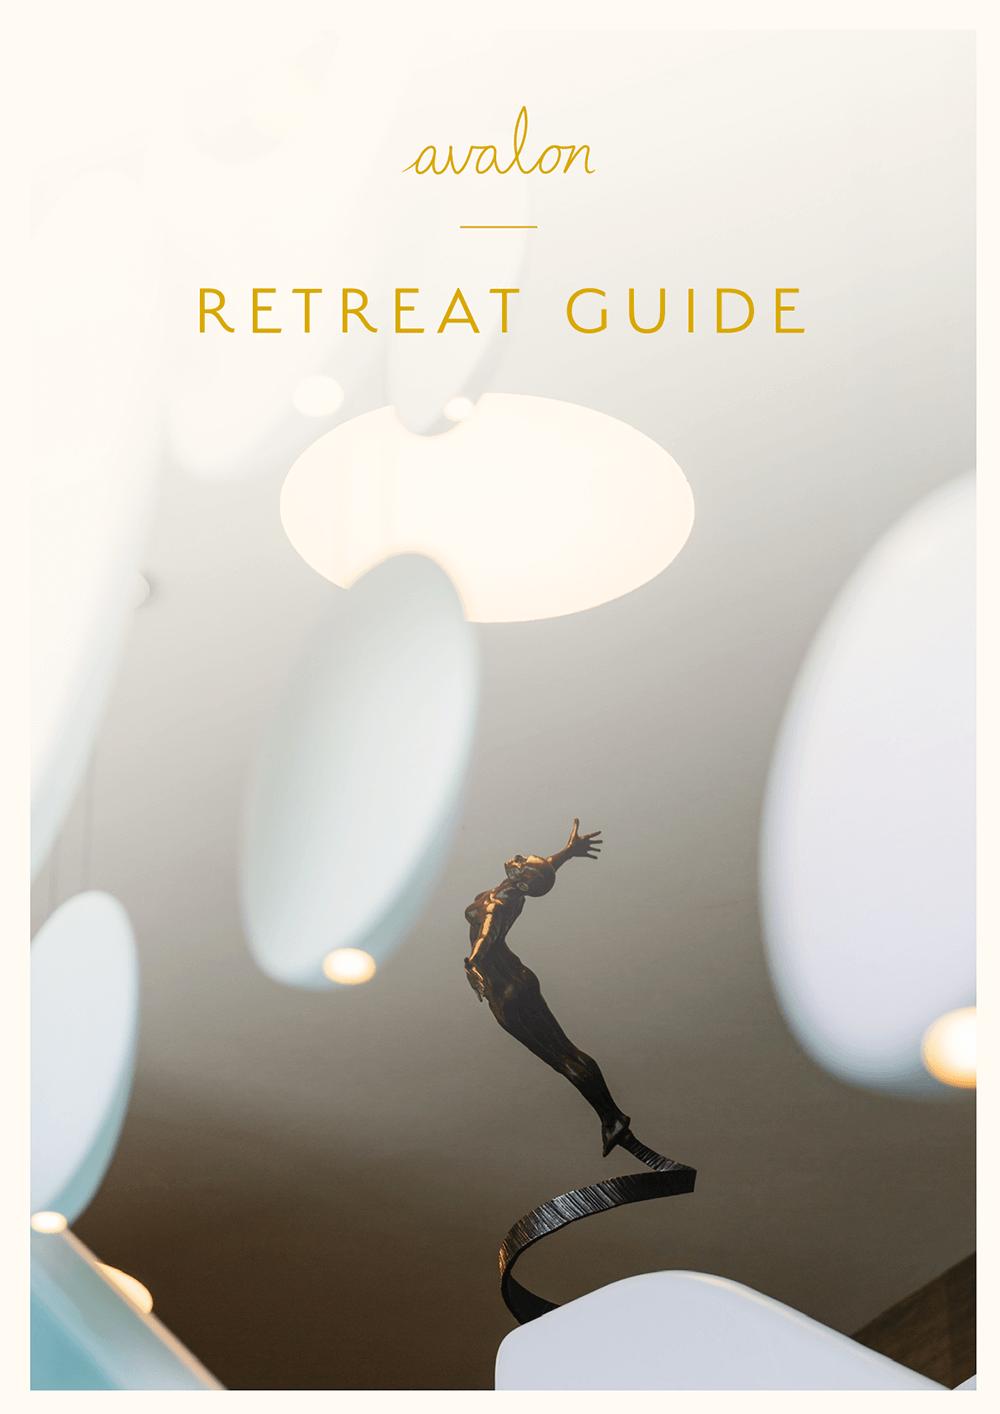 Avalon Retreat Guide PDF Cover